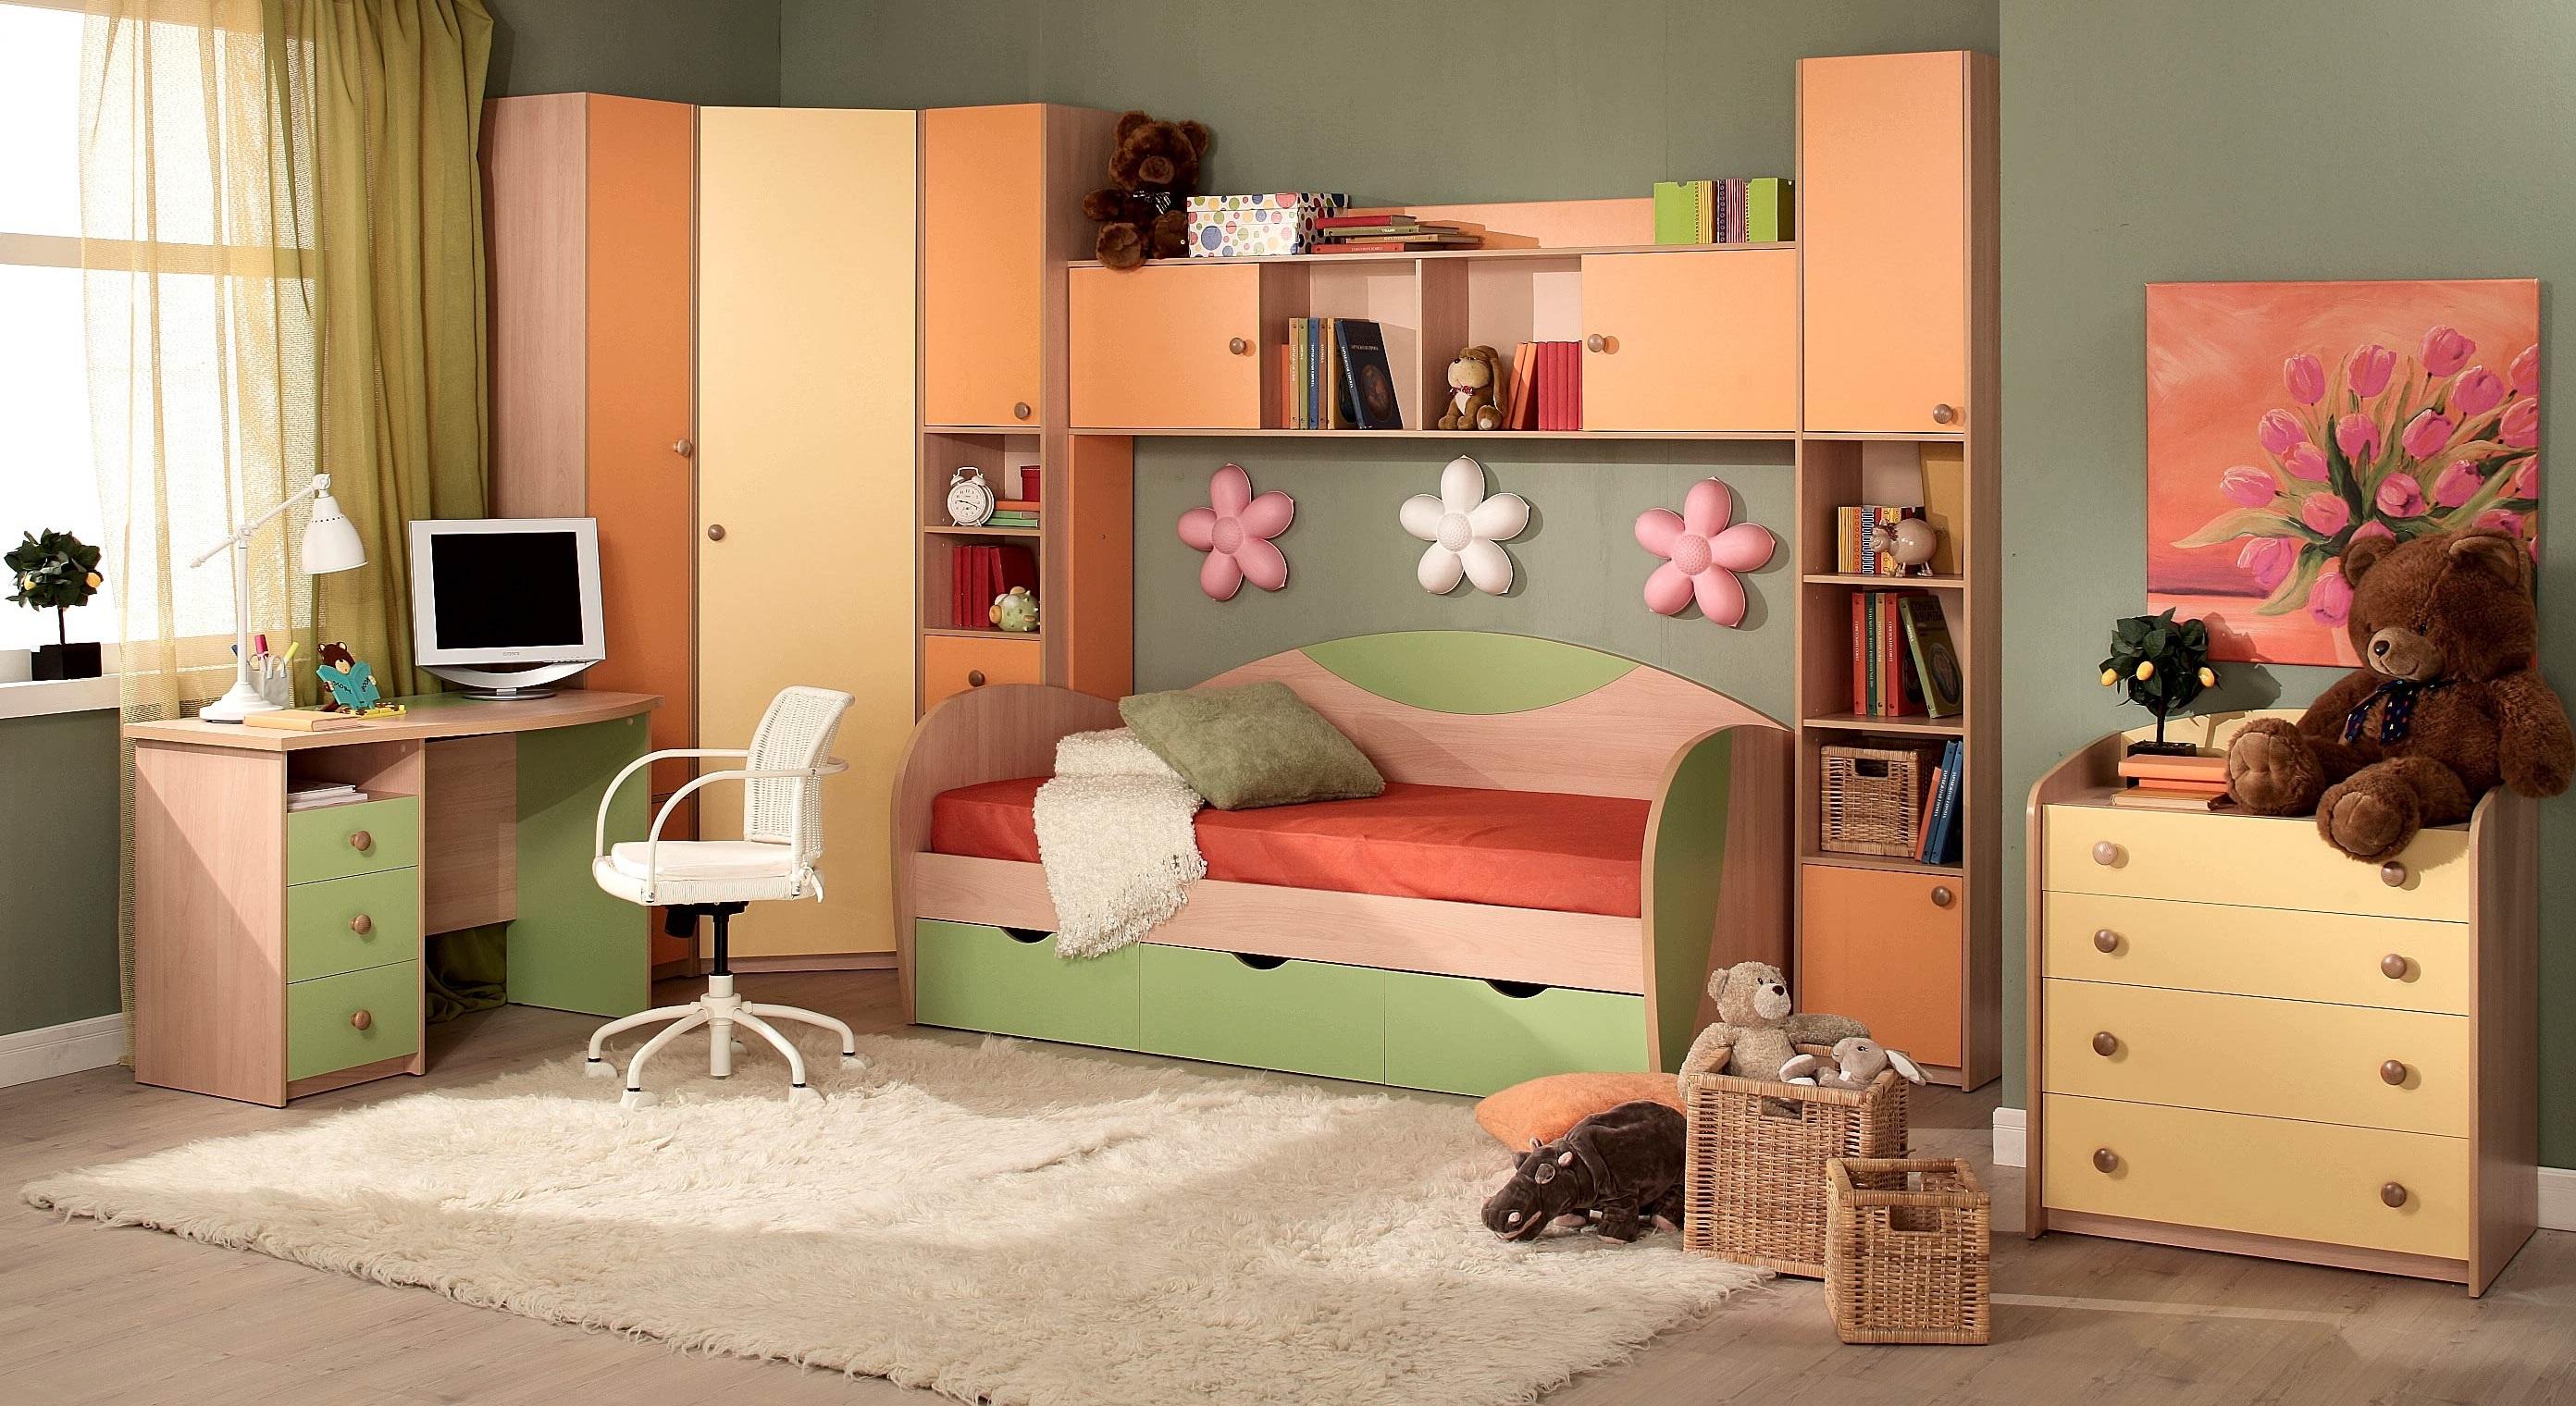 """Мебель в детской комнате фото """" современный дизайн."""